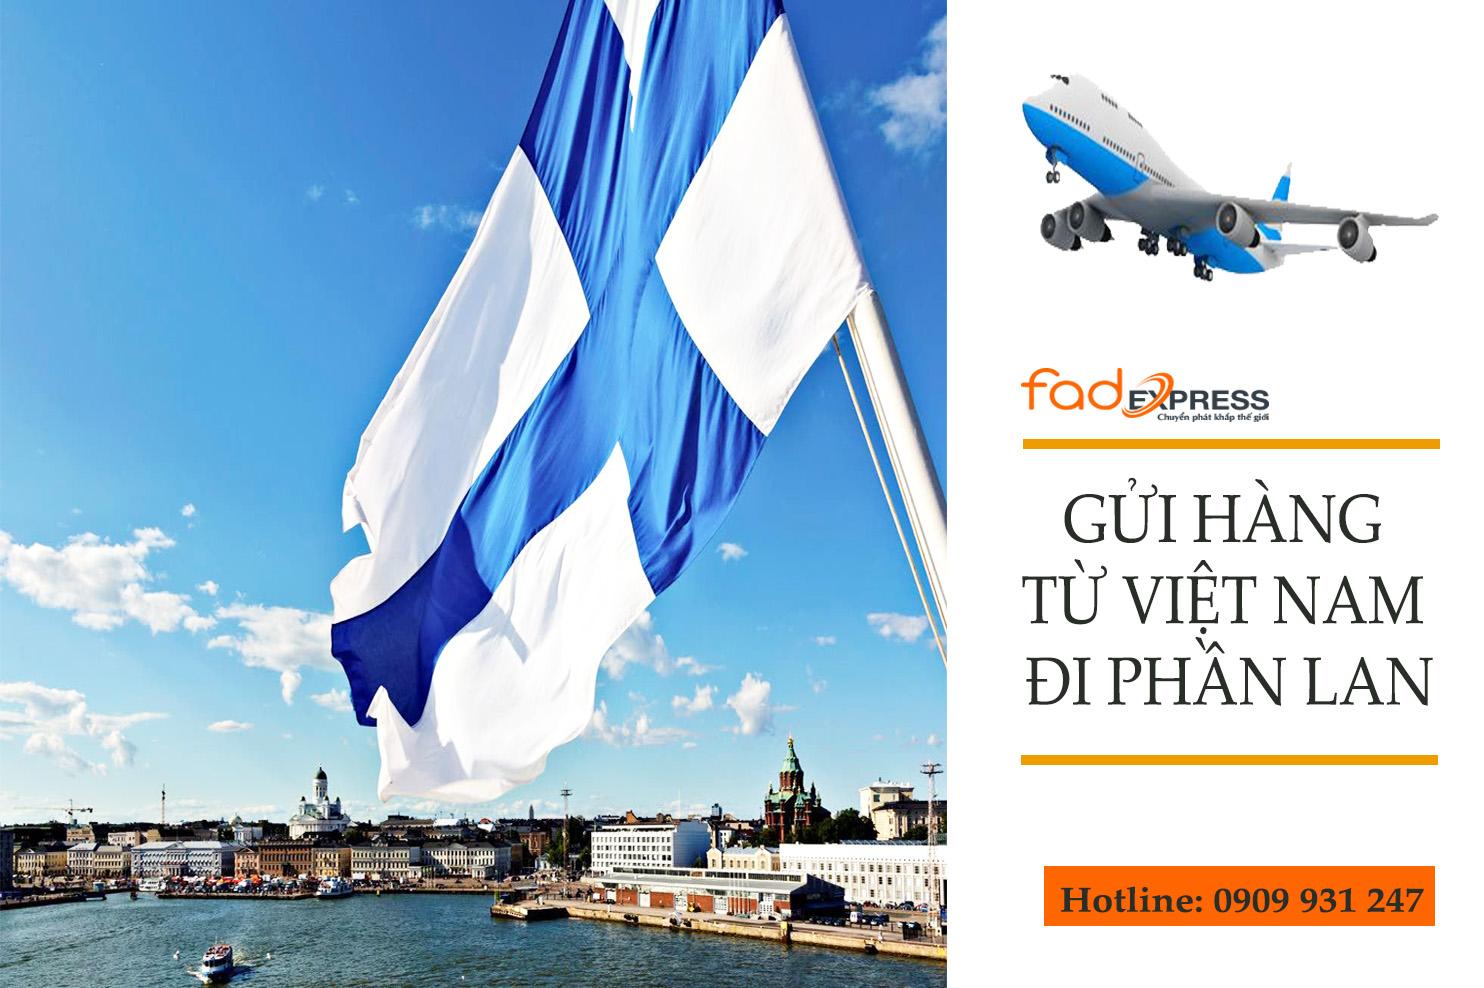 gửi hàng từ Việt Nam đi Phần Lan